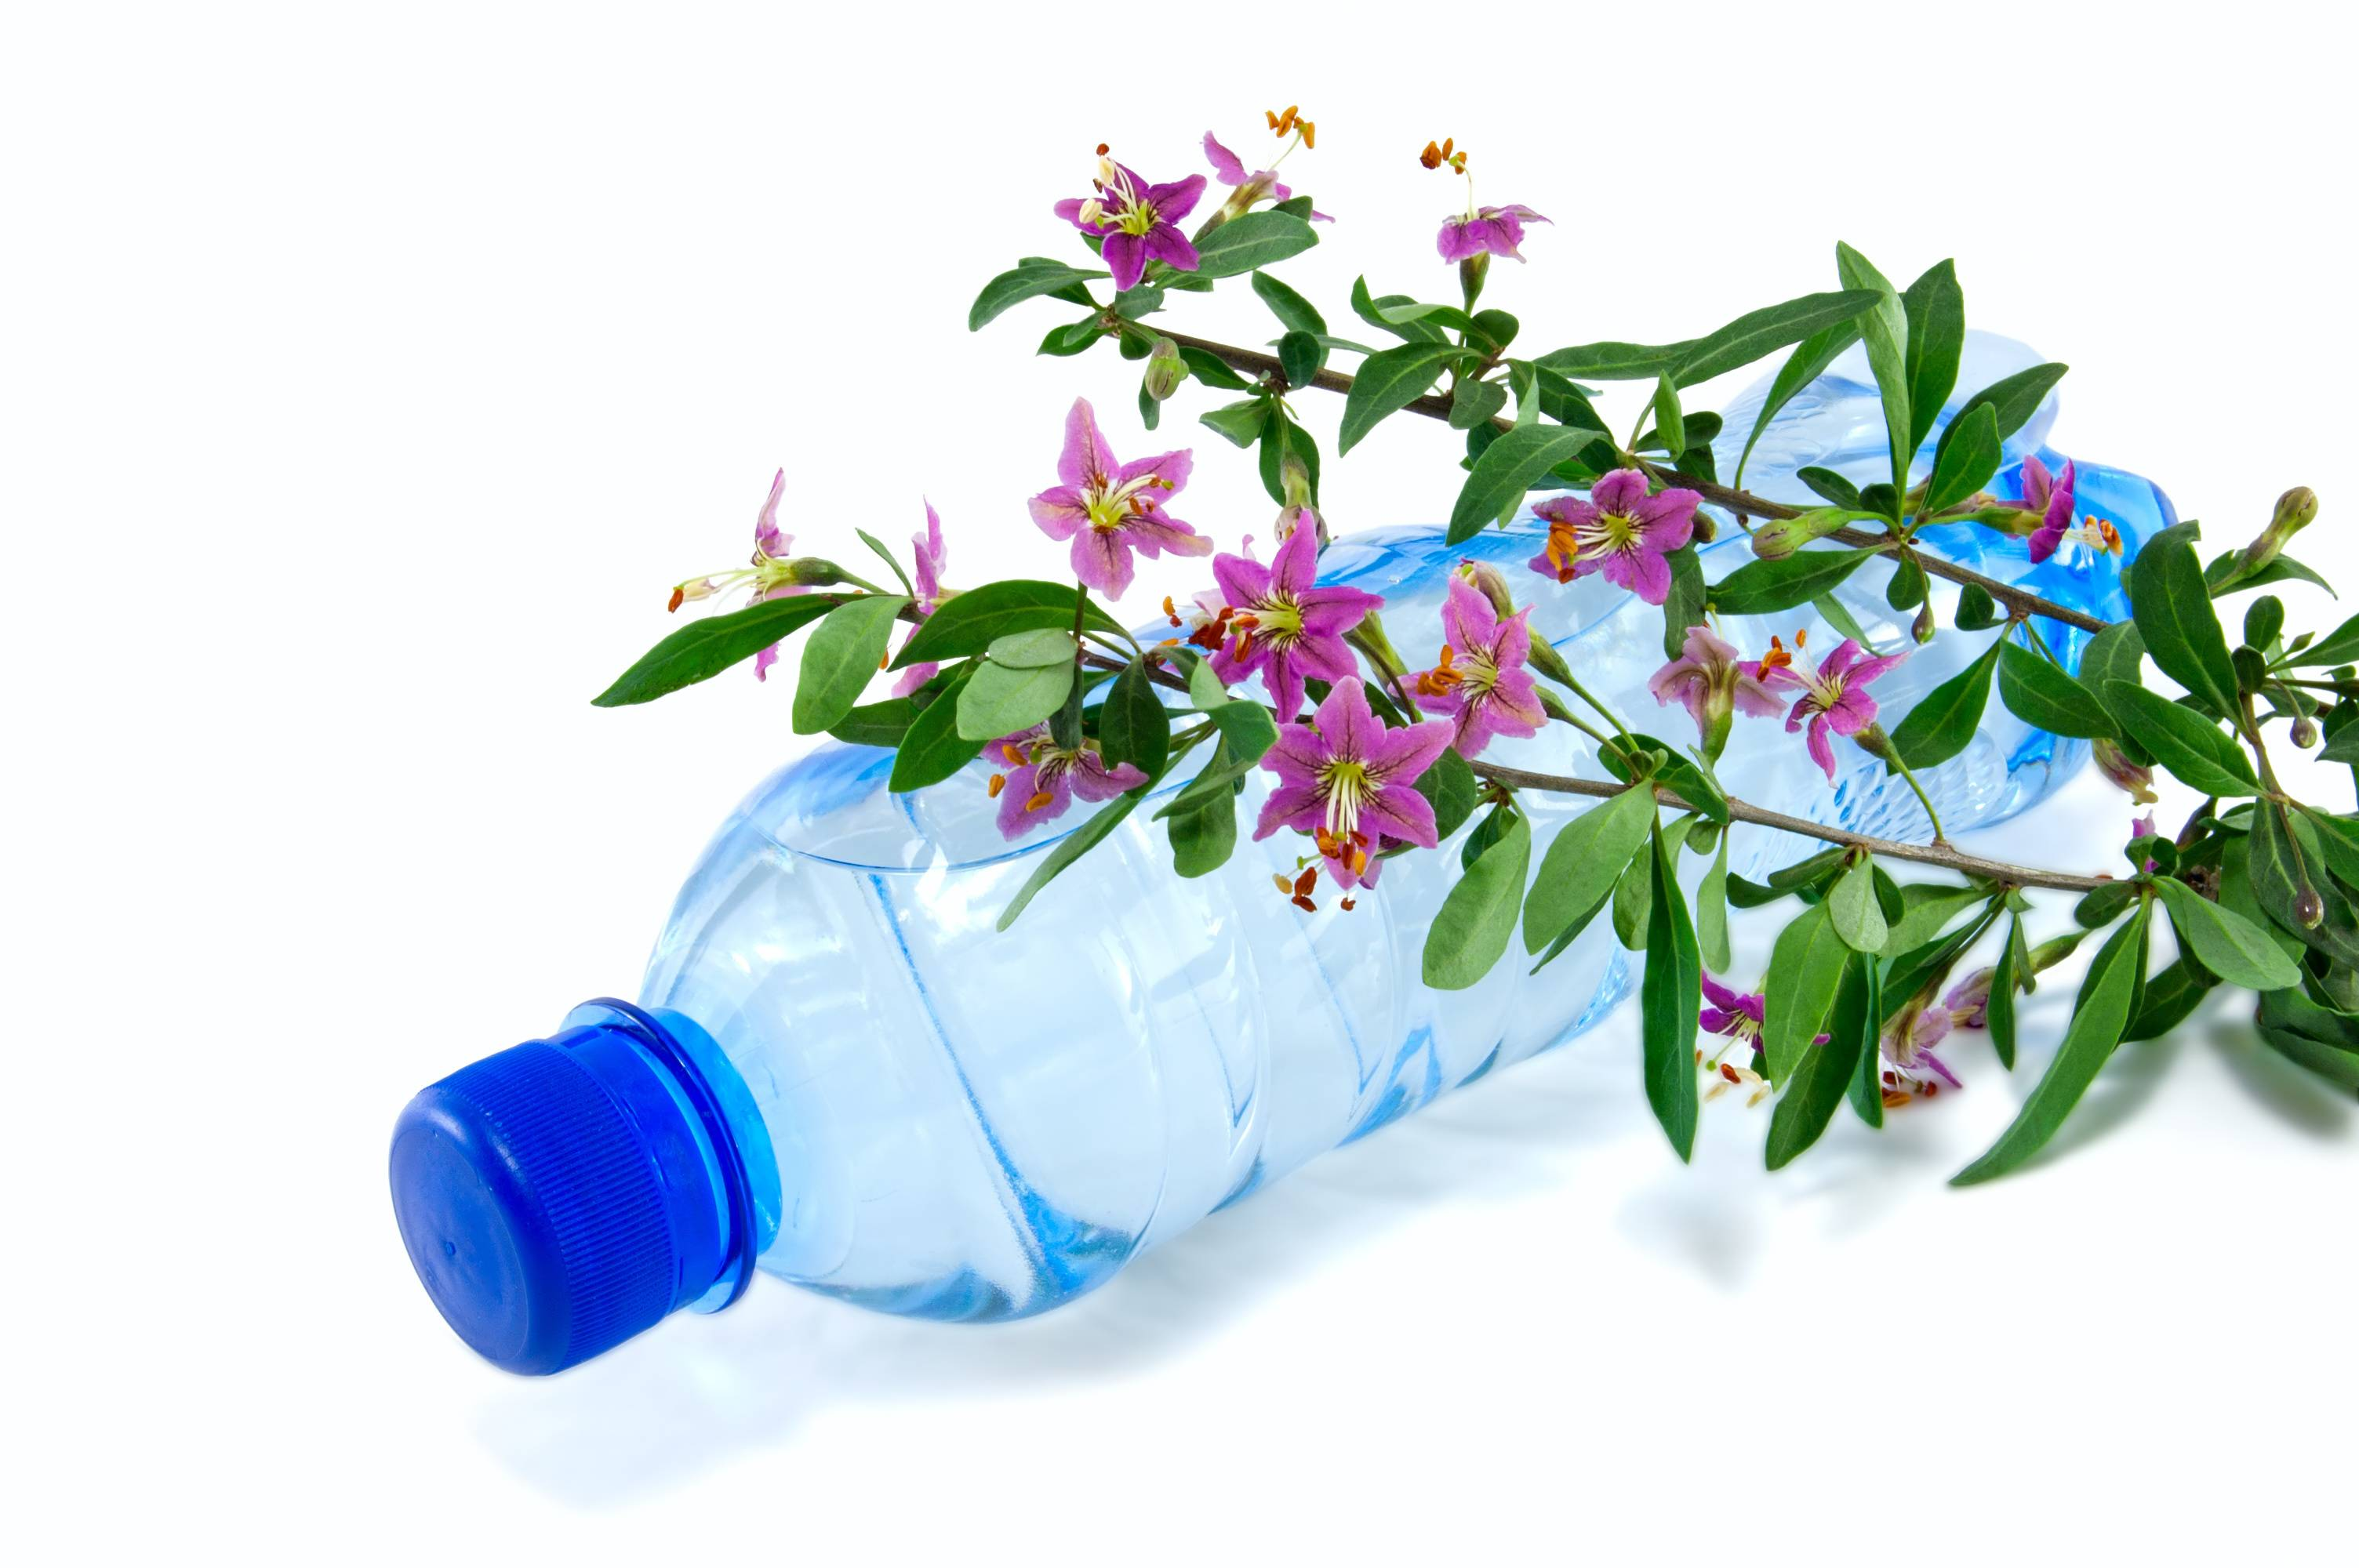 Fabriquer des pots de fleurs rigolos avec des bouteilles en plastique - Fleur bouteille plastique ...